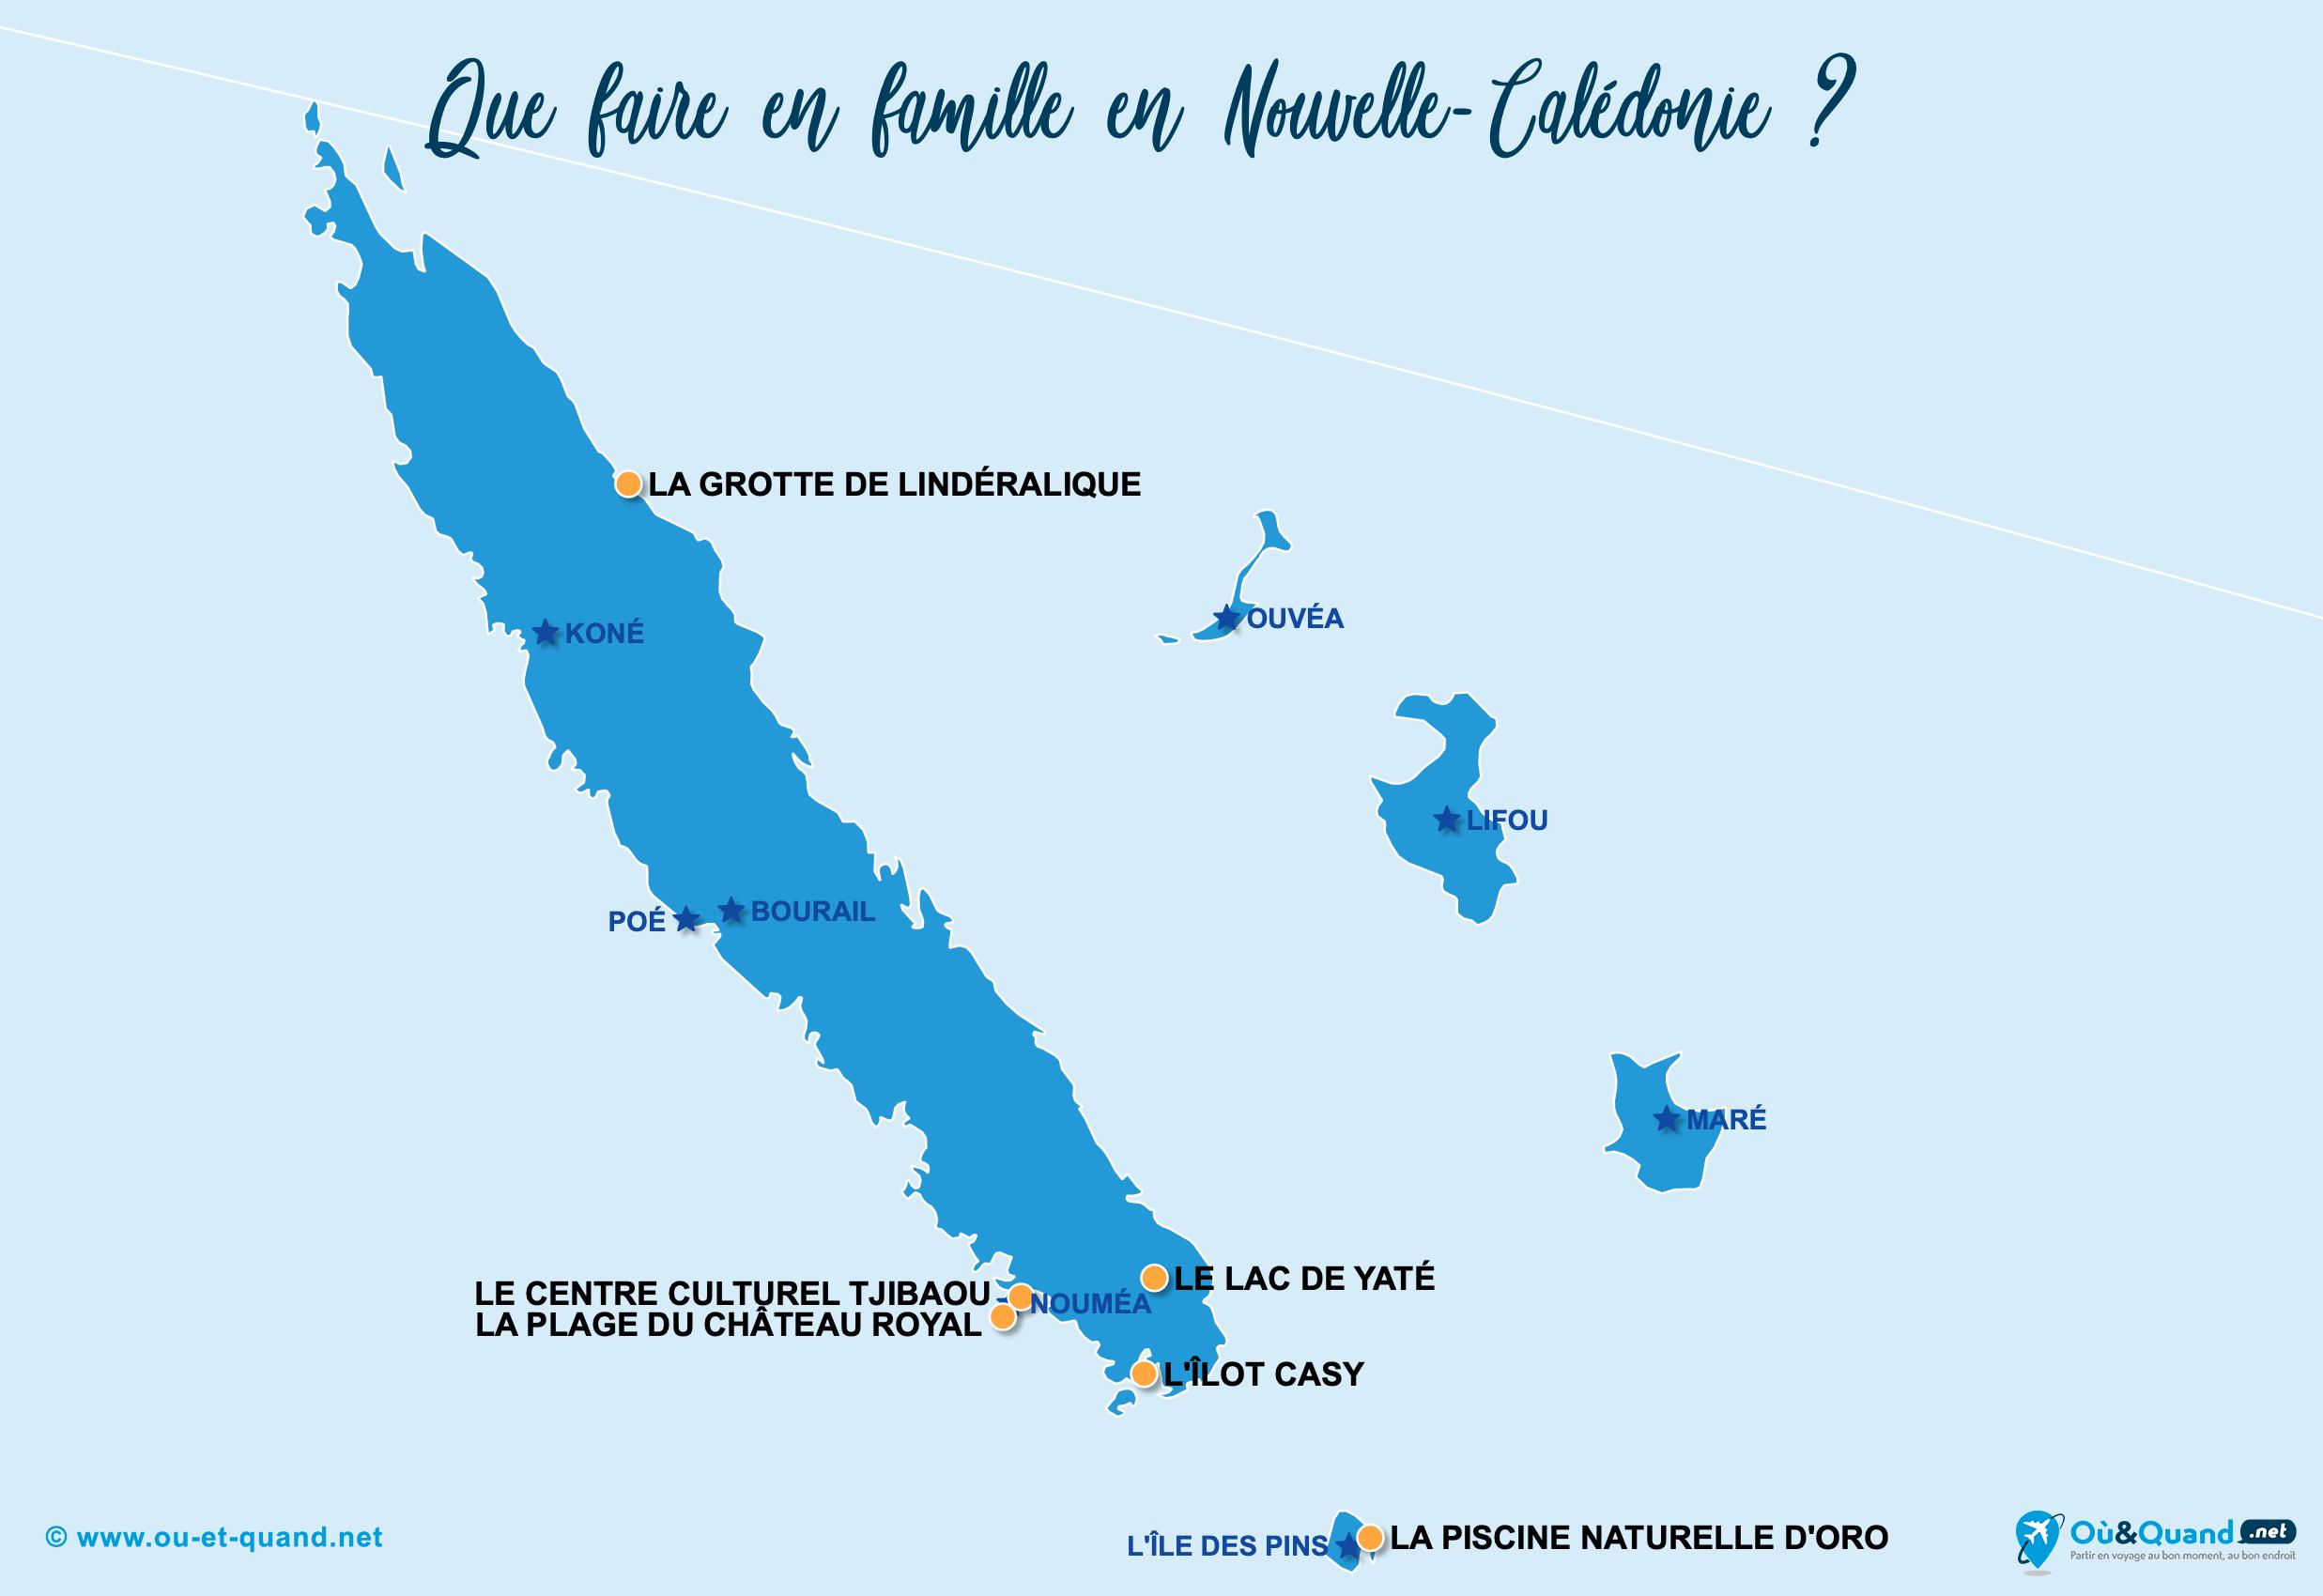 Carte Nouvelle-Calédonie : La Nouvelle-Calédonie en famille